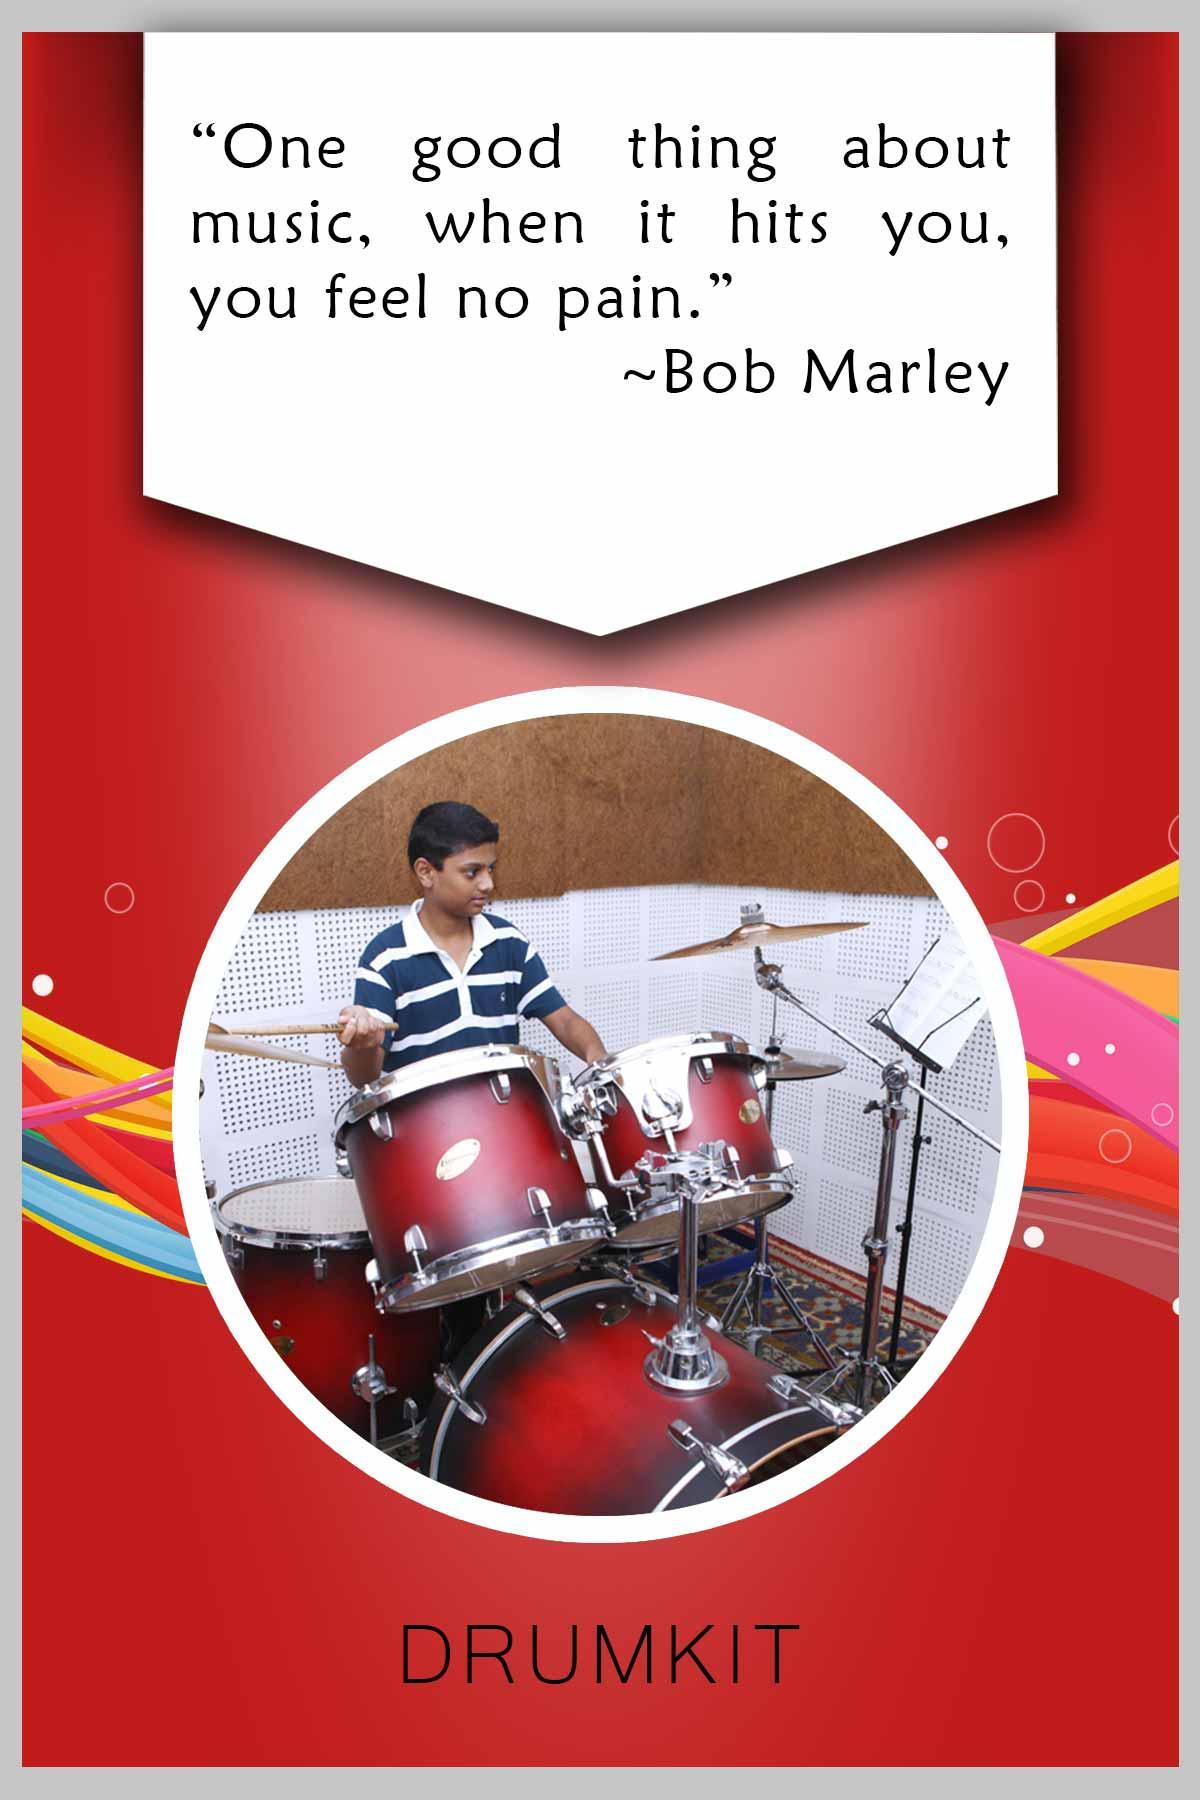 Drumkit by MCBS KalaGramam